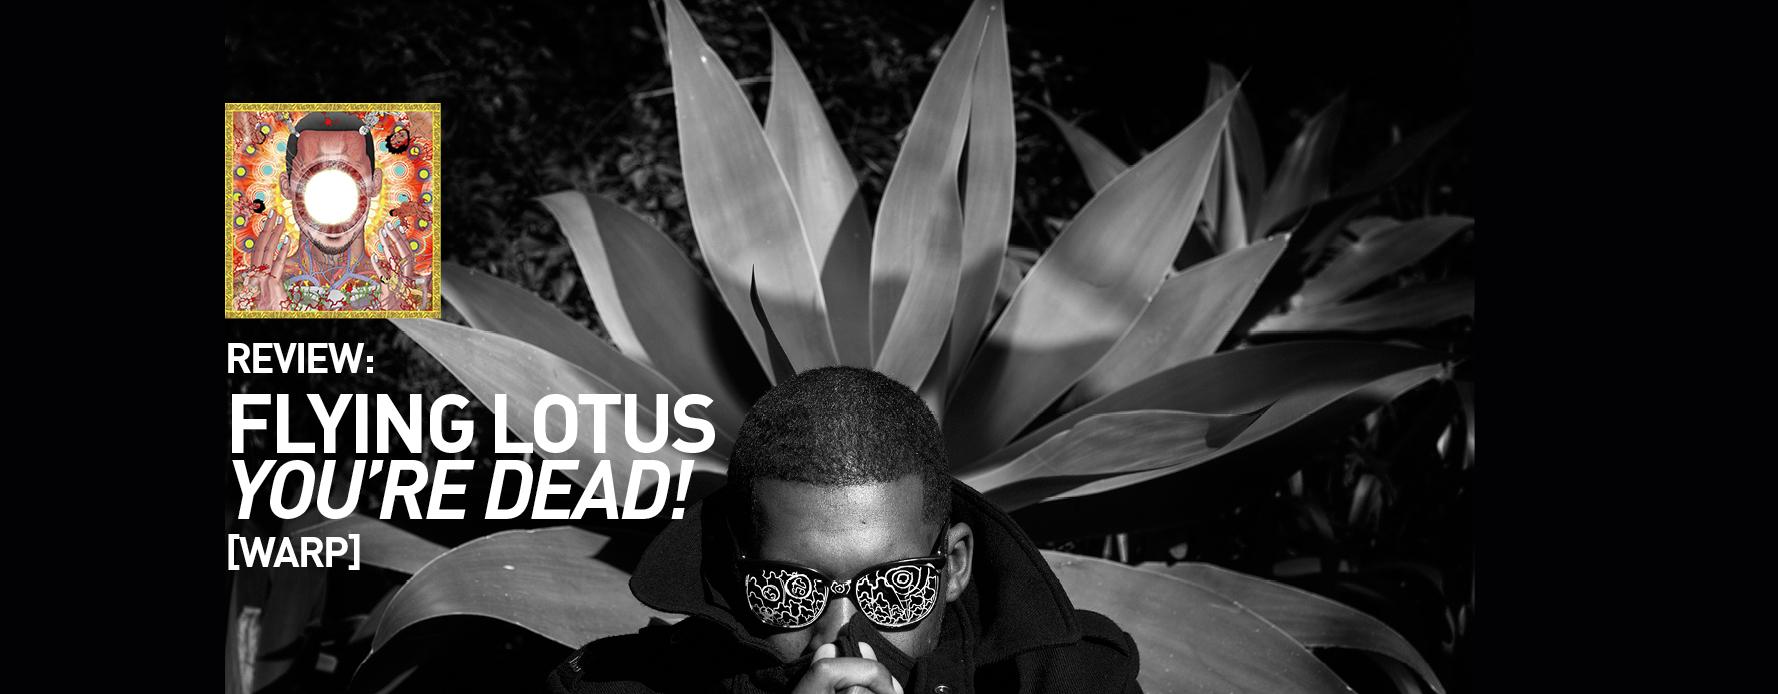 source: Flying Lotus